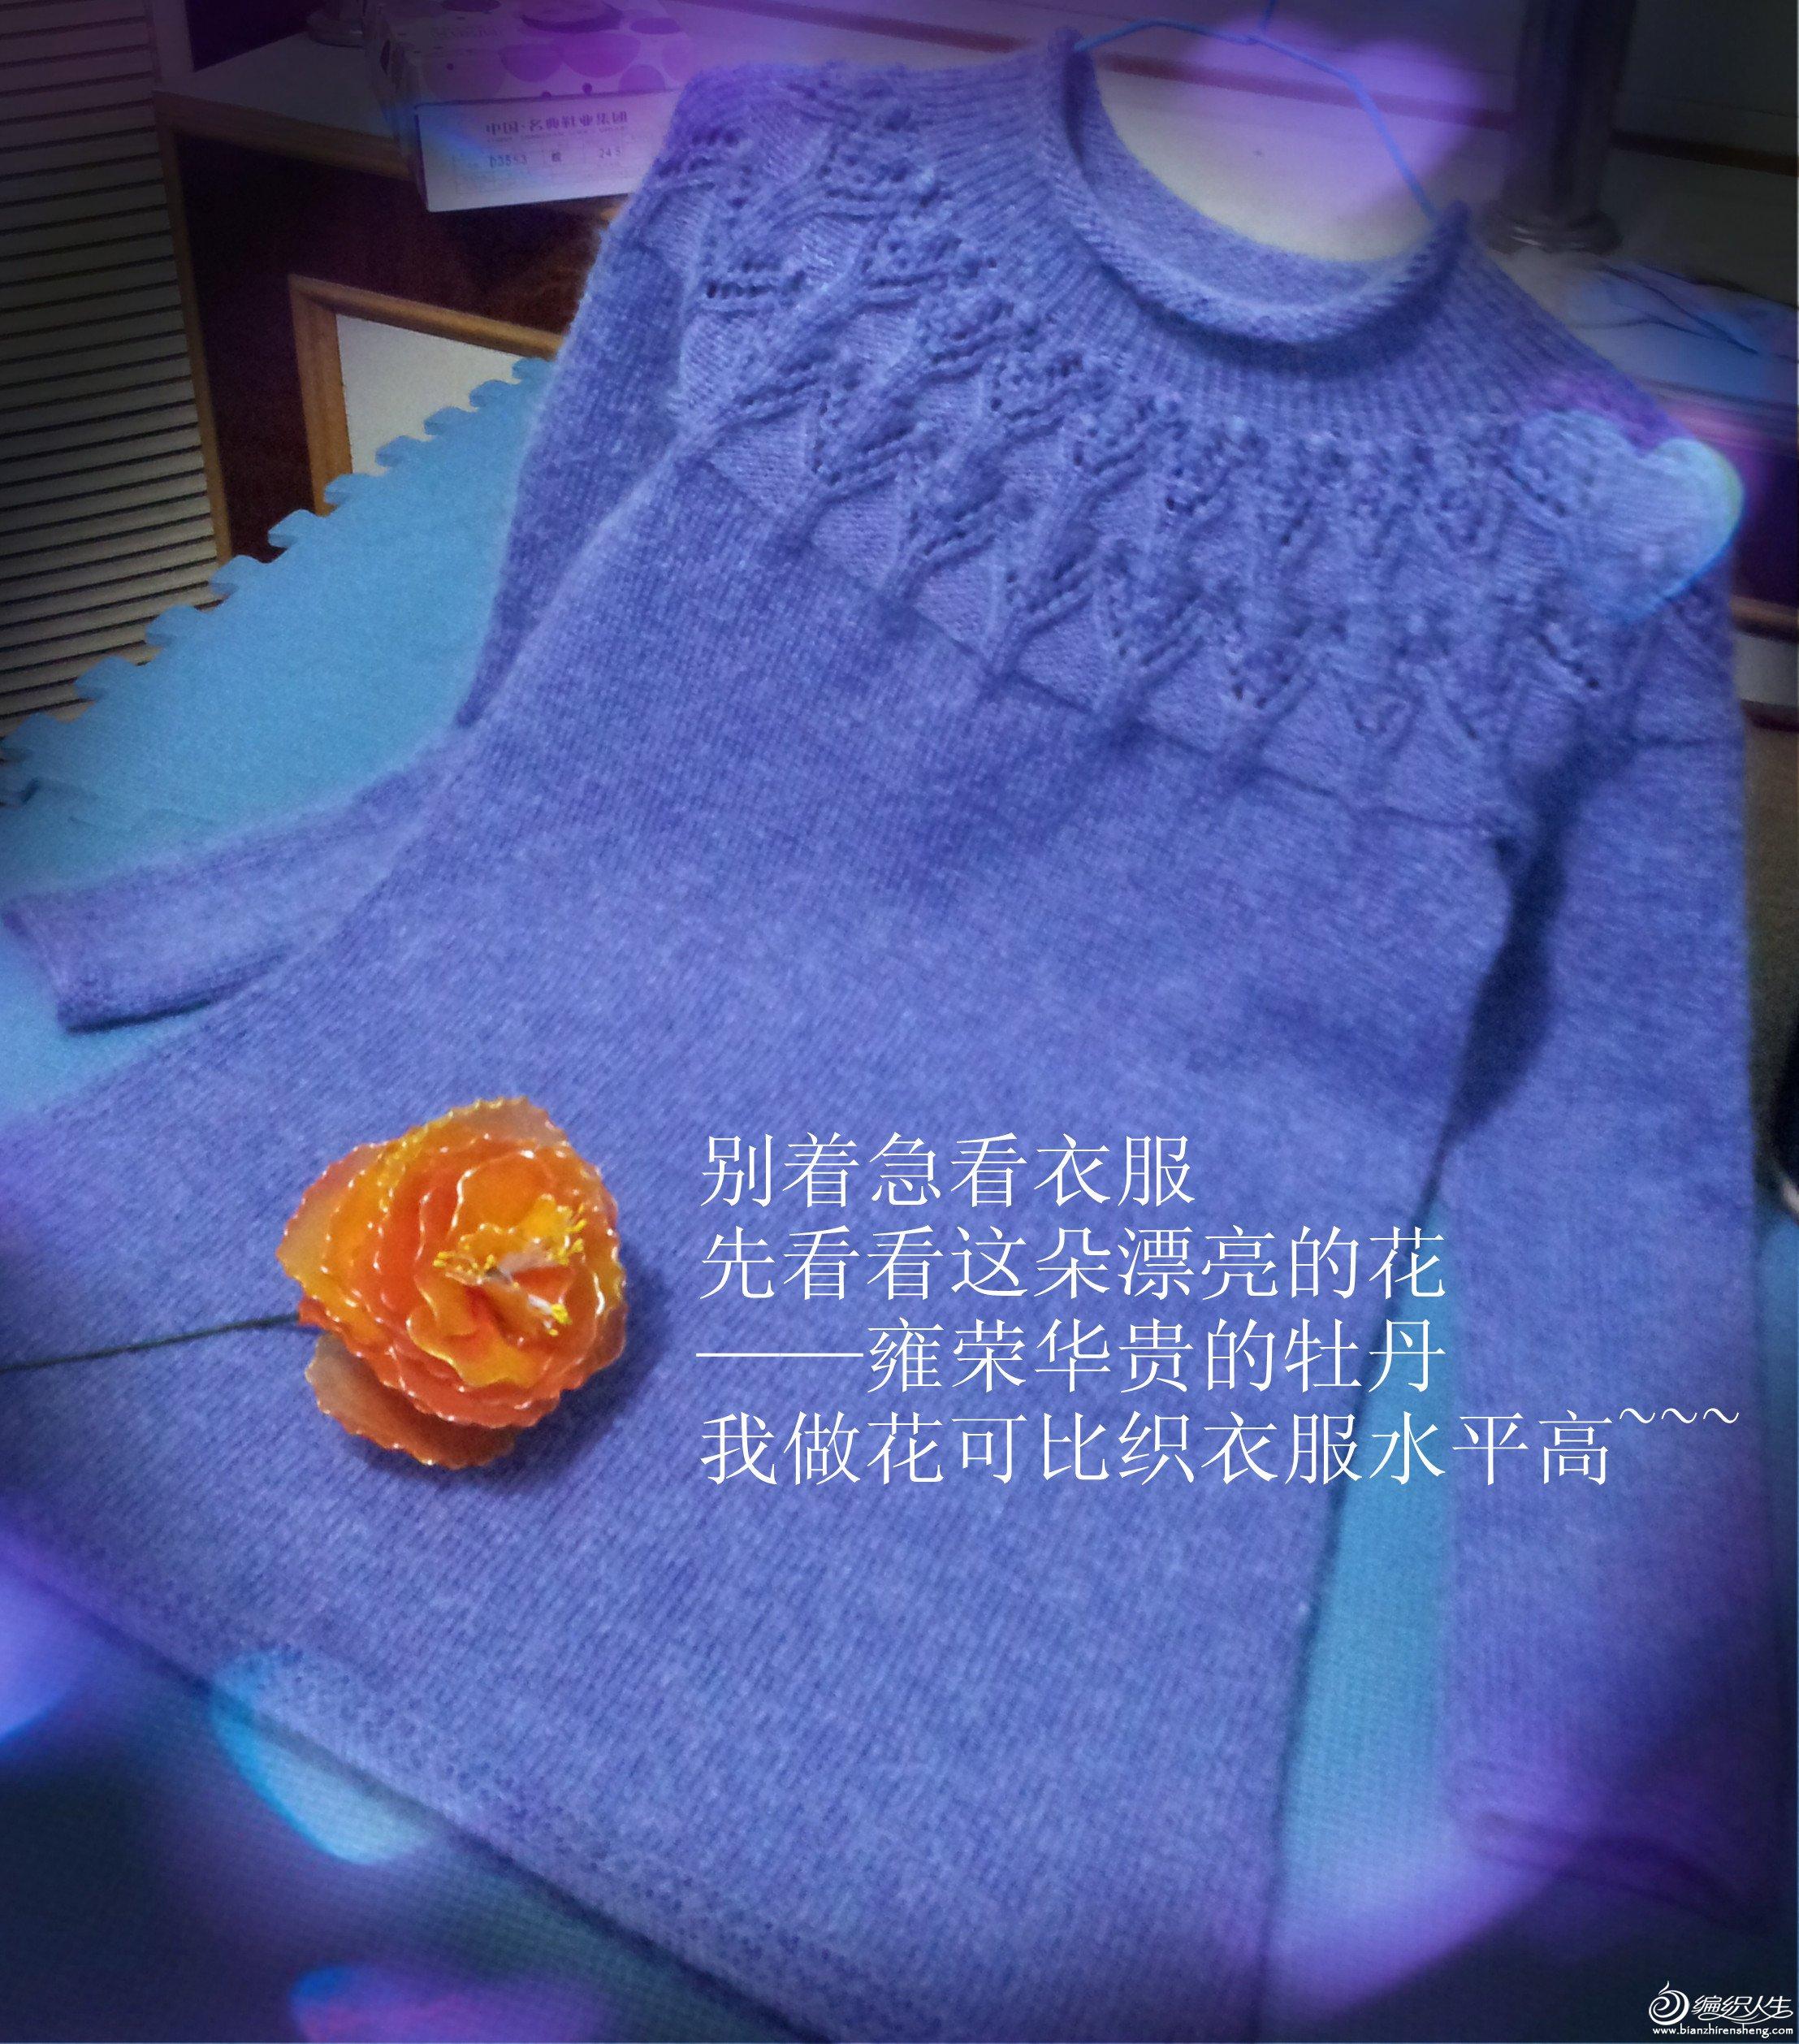 20121228_191509_副本.jpg